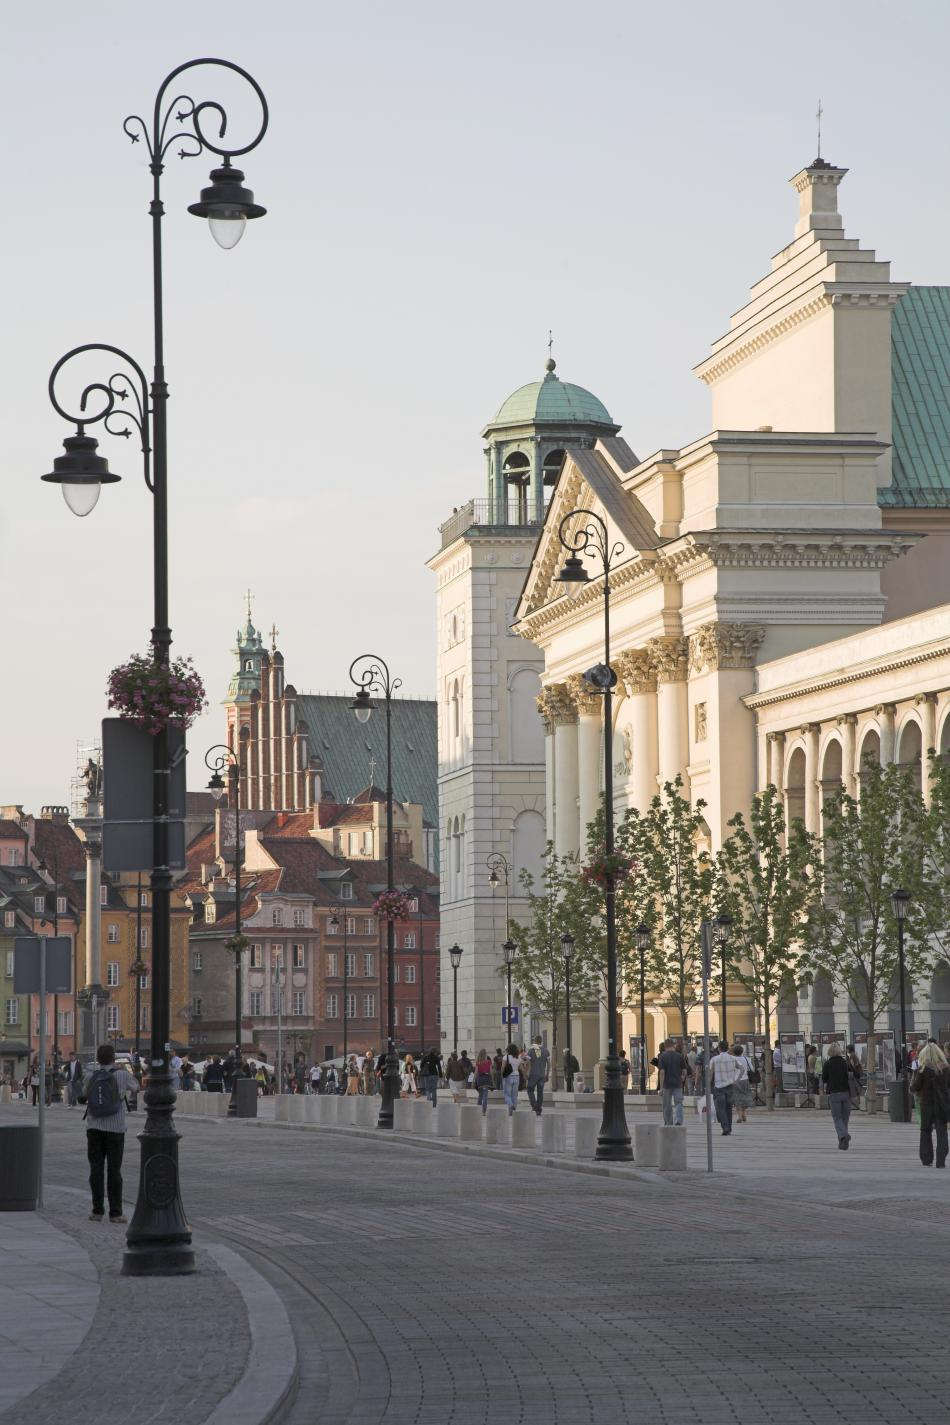 Krakowskie Przedmieście